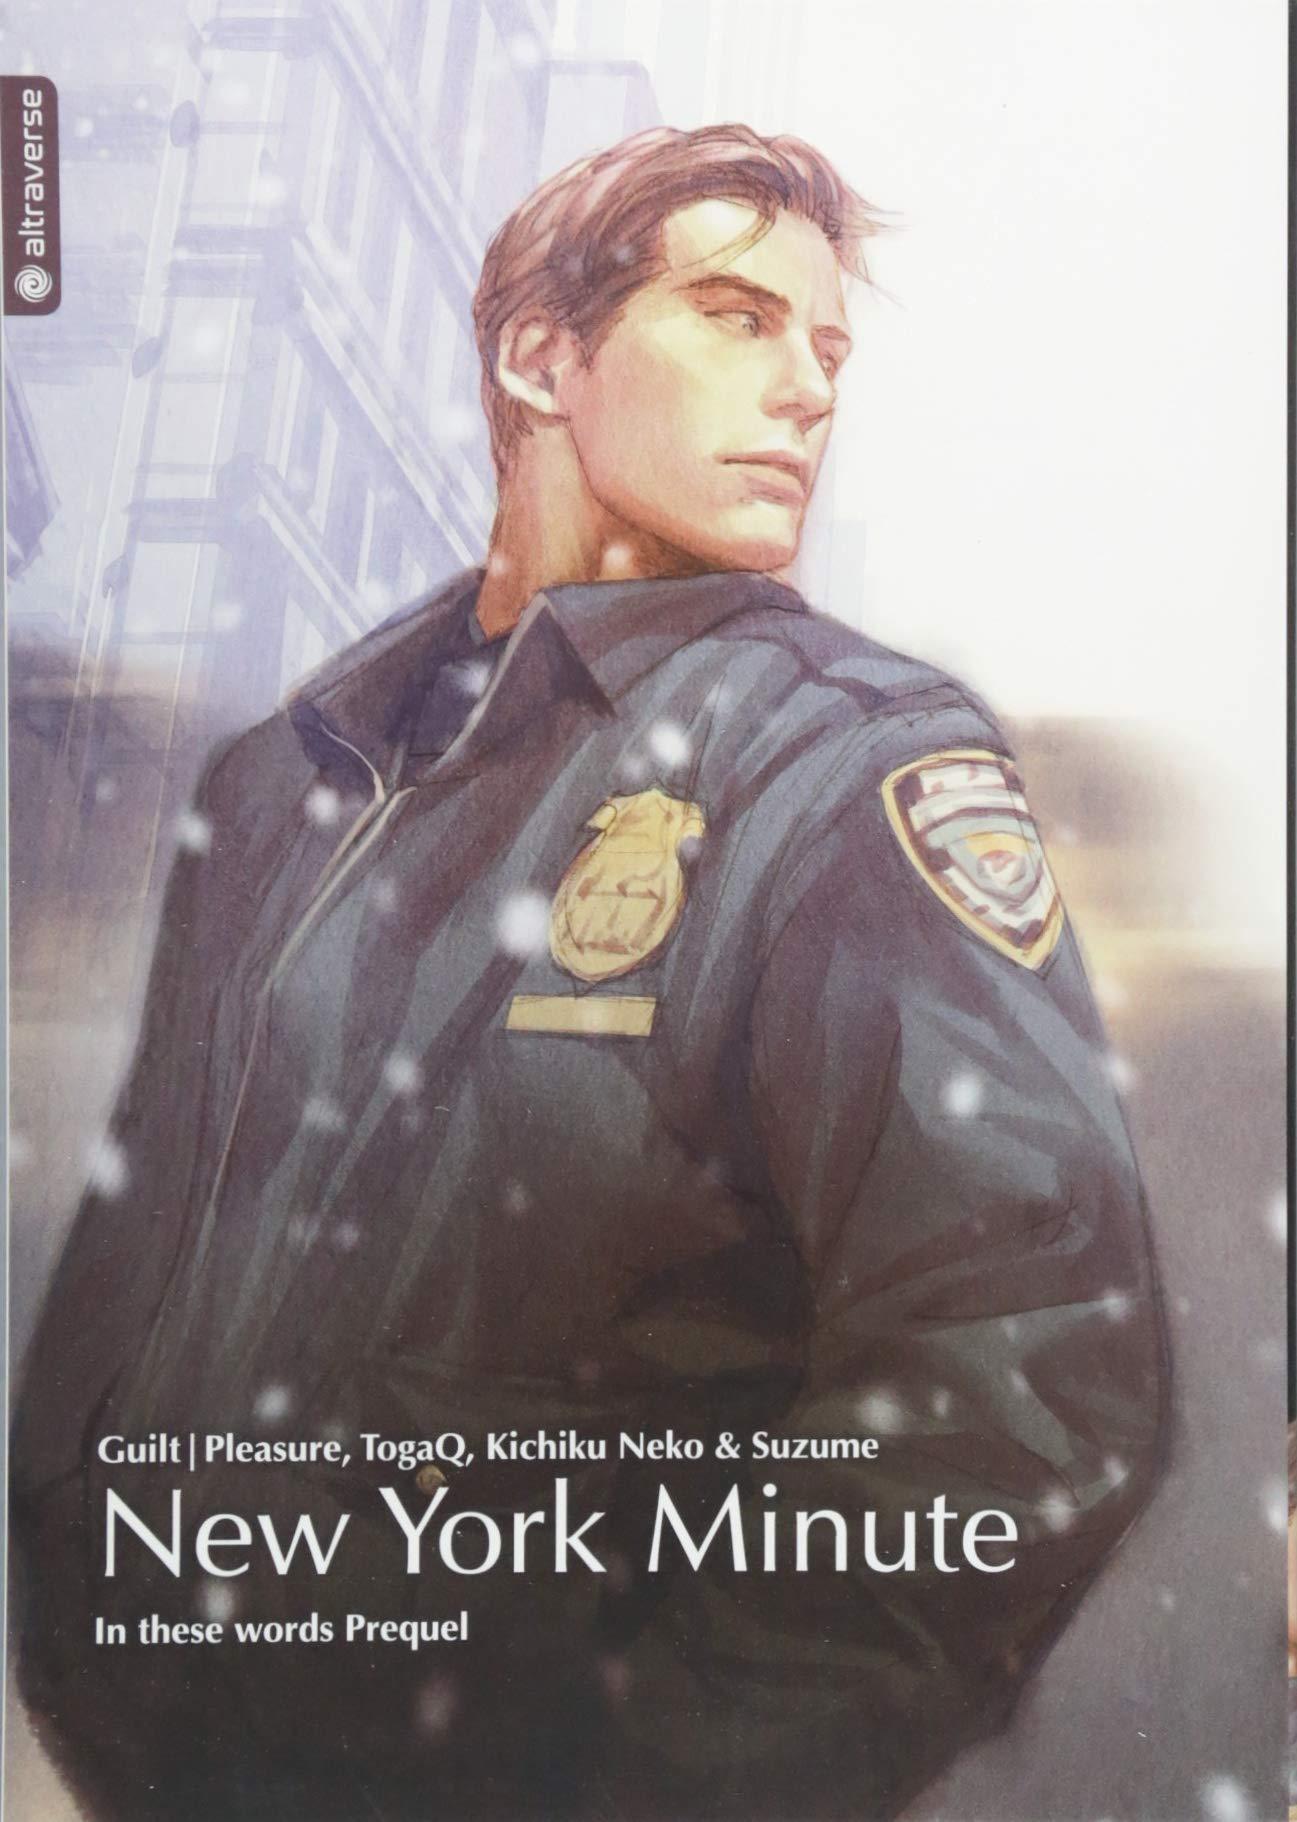 New York Minute Taschenbuch – 20. September 2018 TogaQ Kichiku Neko Altraverse GmbH 3963581840